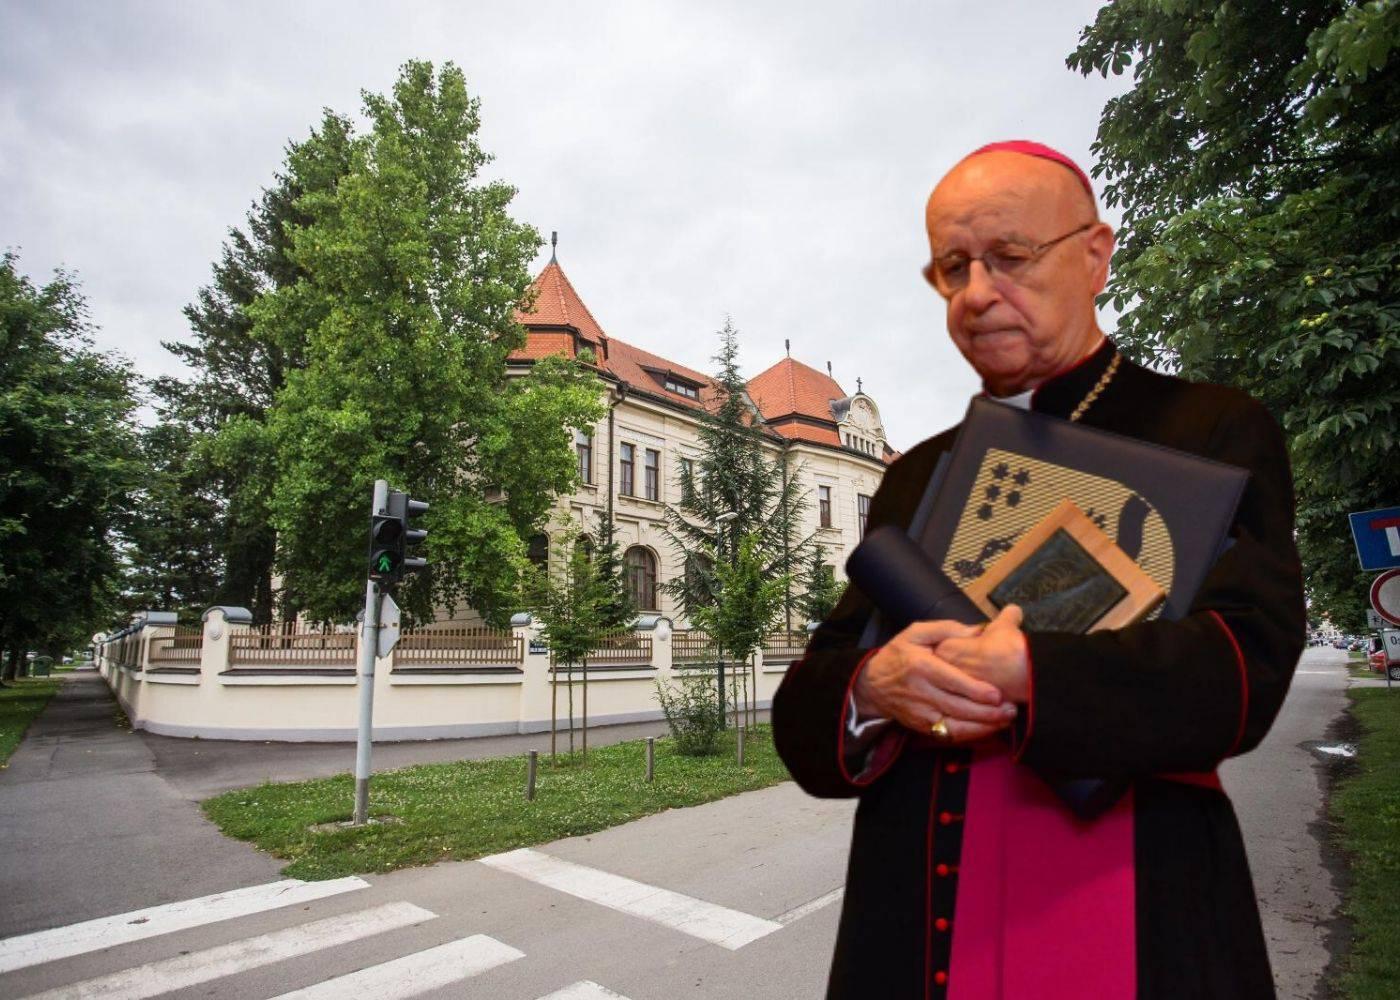 Pola biskupije zaraženo, krizmu su odgodili u samo jednoj župi